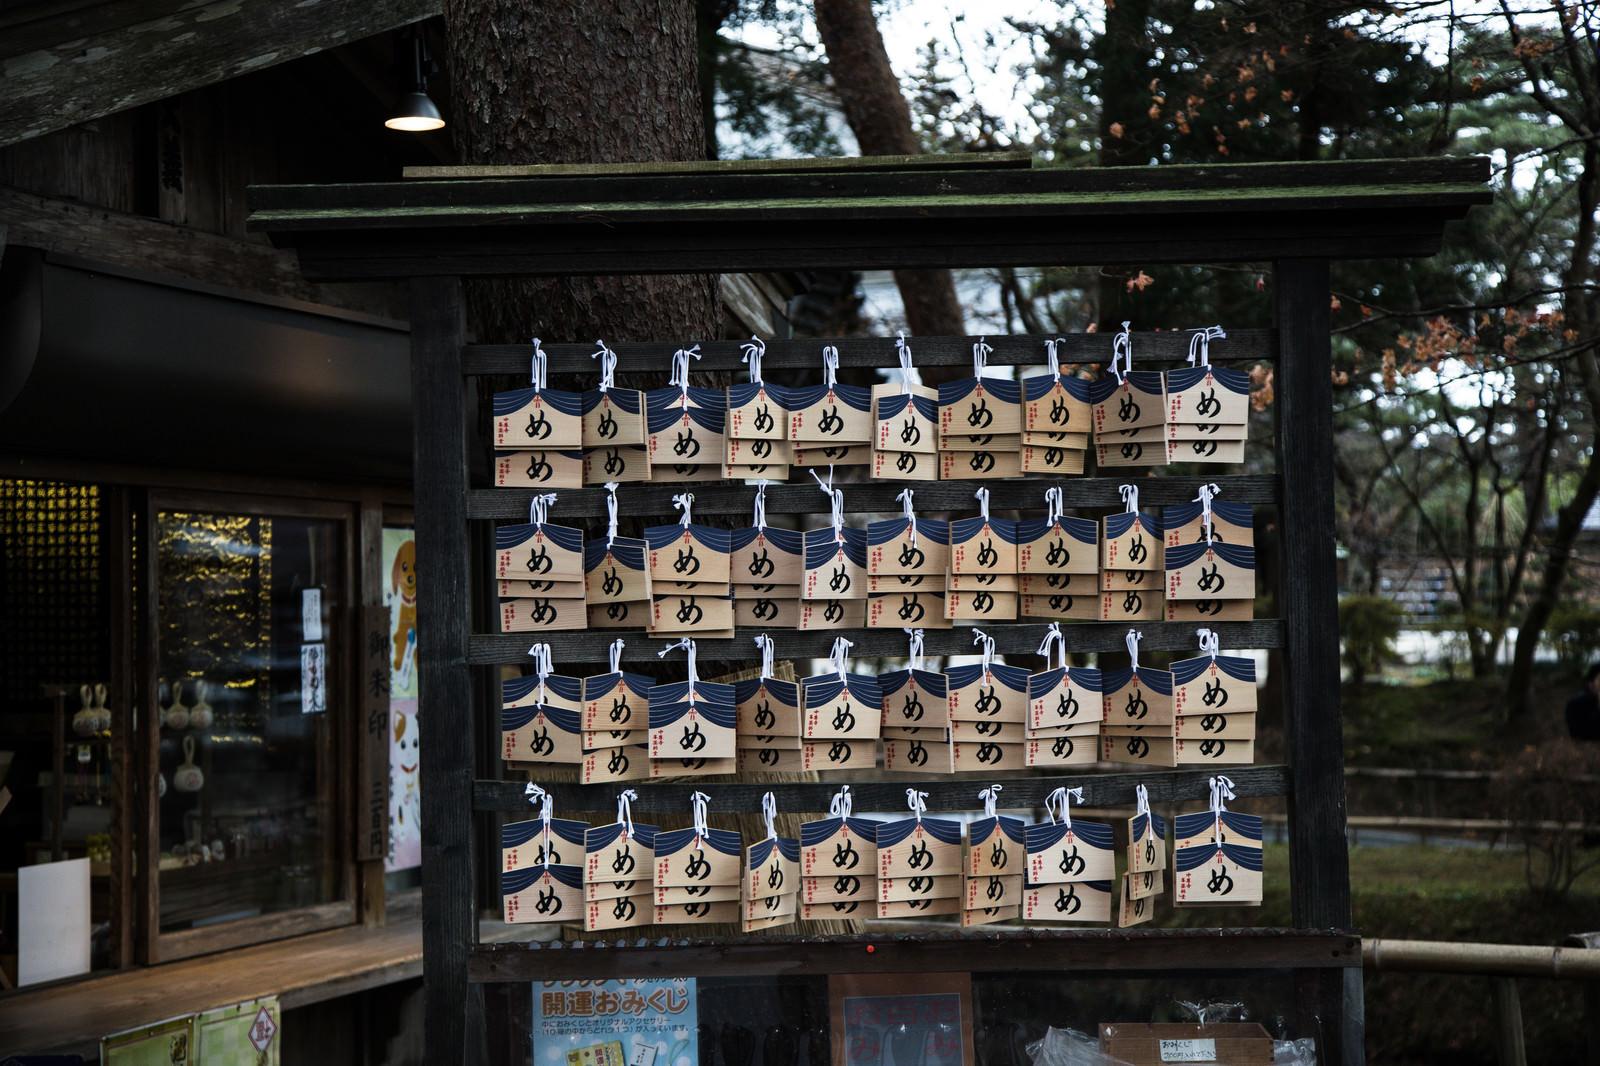 「中尊寺峯薬師堂の「め」の絵馬中尊寺峯薬師堂の「め」の絵馬」のフリー写真素材を拡大